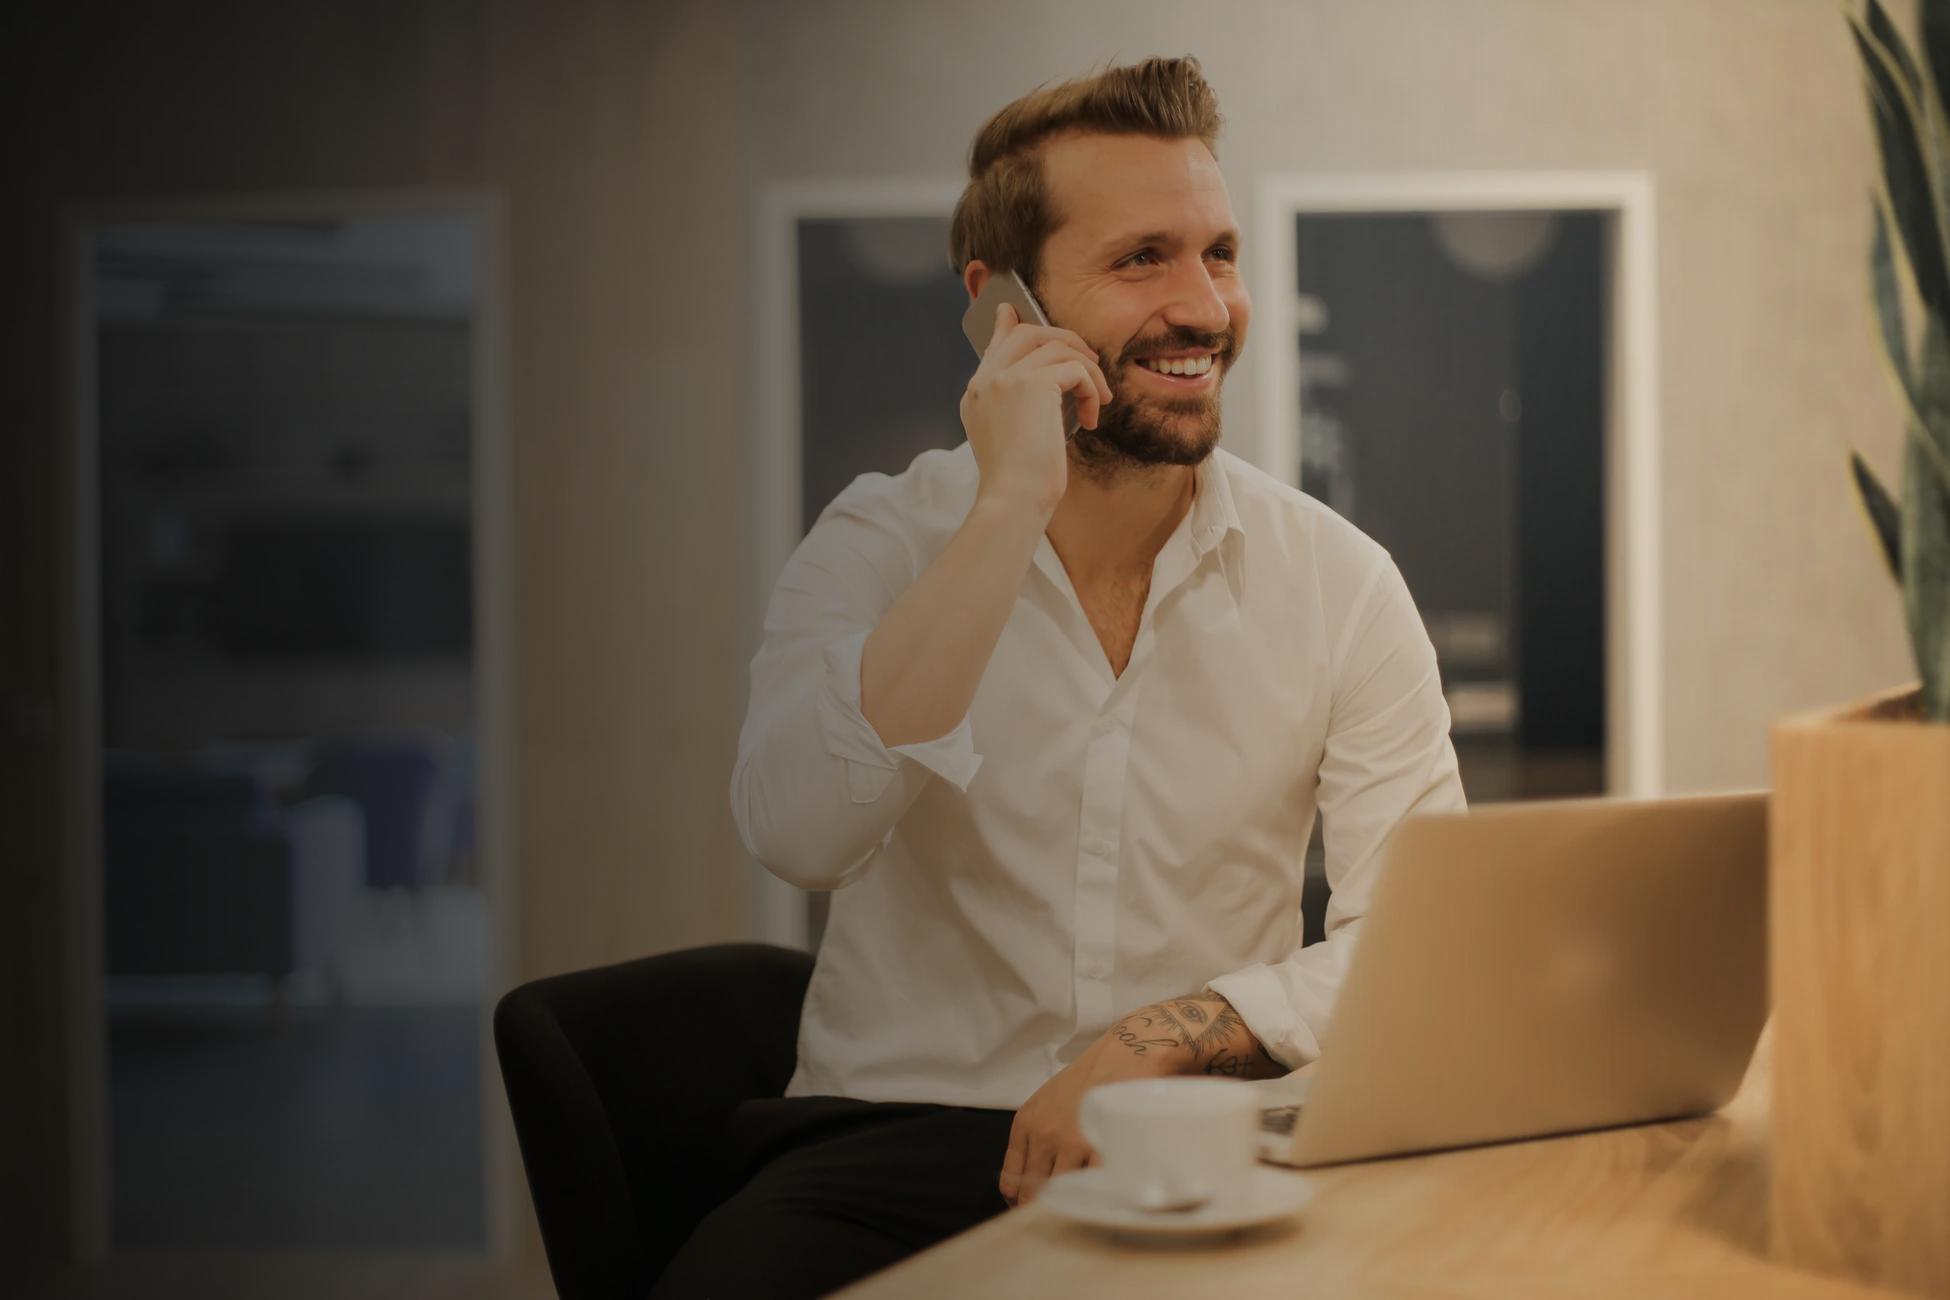 Фото с мужчиной сидящий на стуле и разговаривающий по телефону